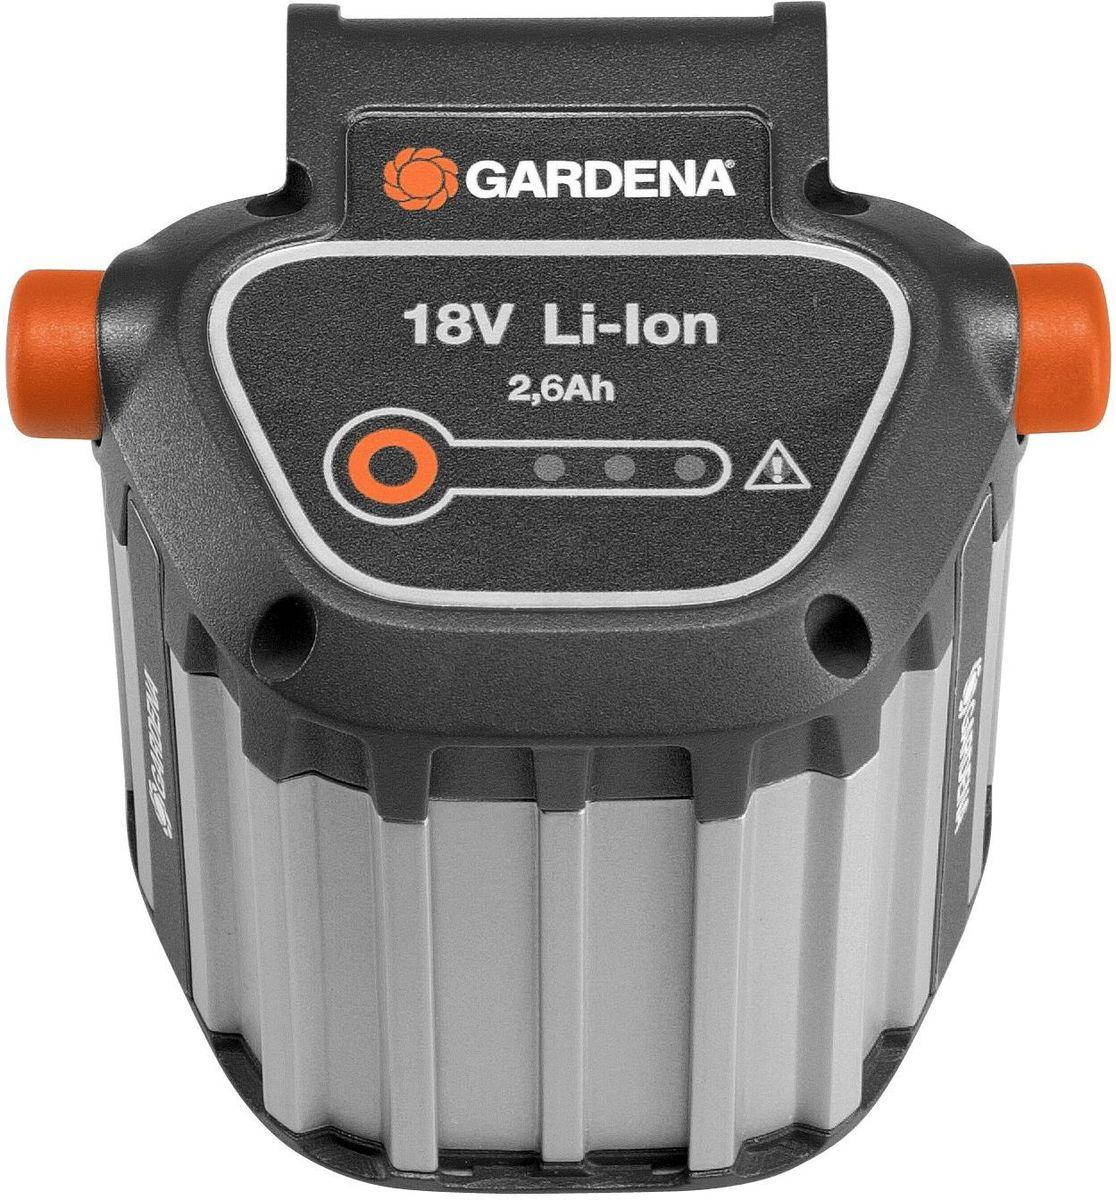 Аккумулятор Gardena BLi-18, литий-ионный09839-20.000.00Аккумулятор Gardena BLi-18 является мощным и надежным источником энергии для аккумуляторной техники Gardena. Аккумулятор прост в уходе, имеет легкий вес. Экологически безопасный. Аккумулятор подходит для турботриммера EasyCut Li-18/23R.